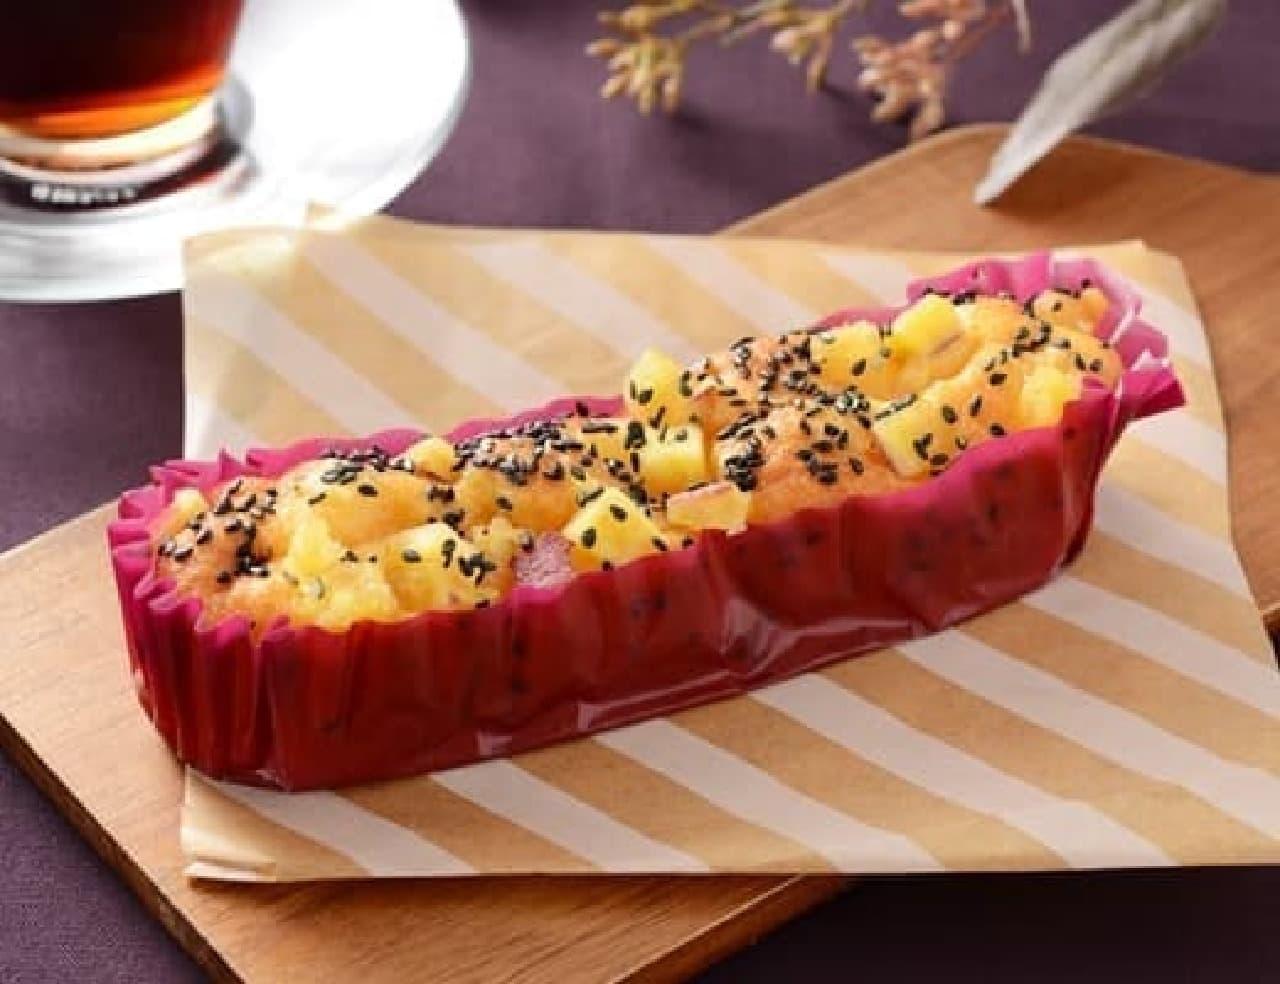 ローソン「安納芋のモッチケーキ」